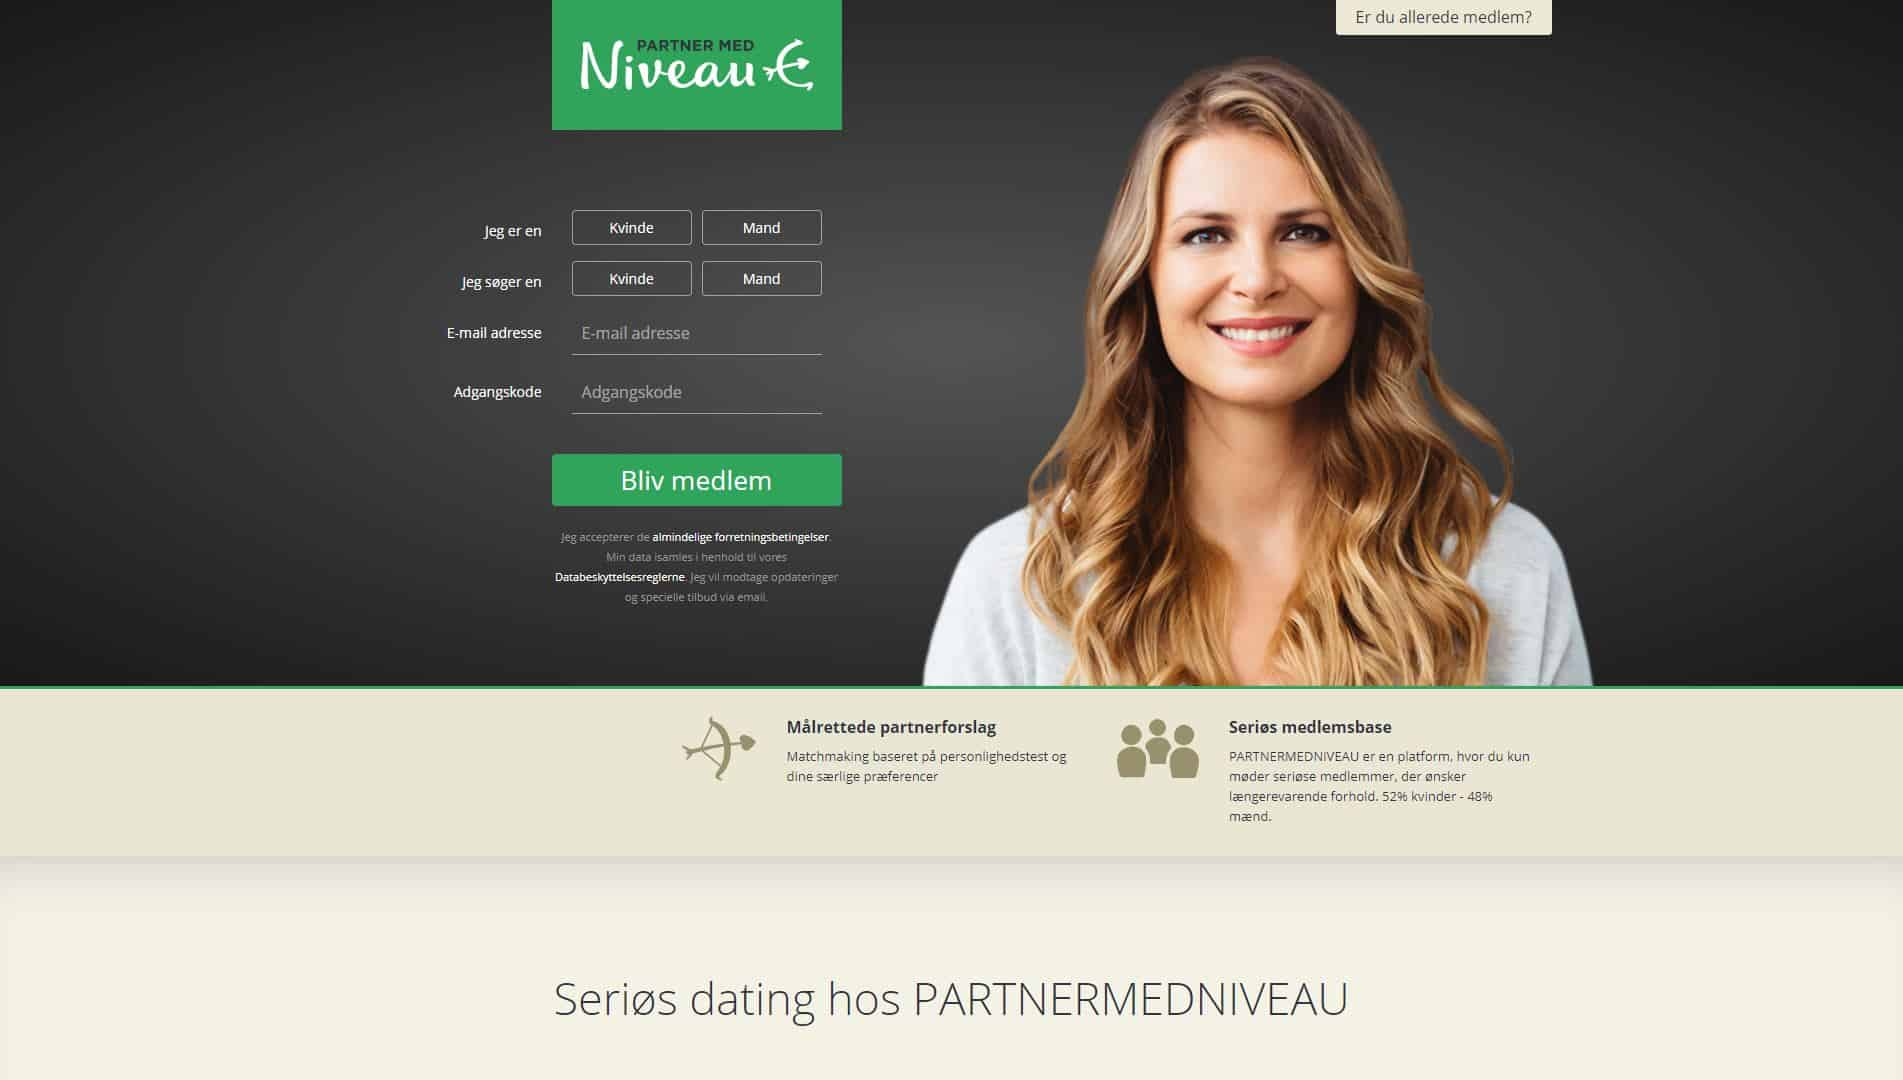 Bedste dating sider dk